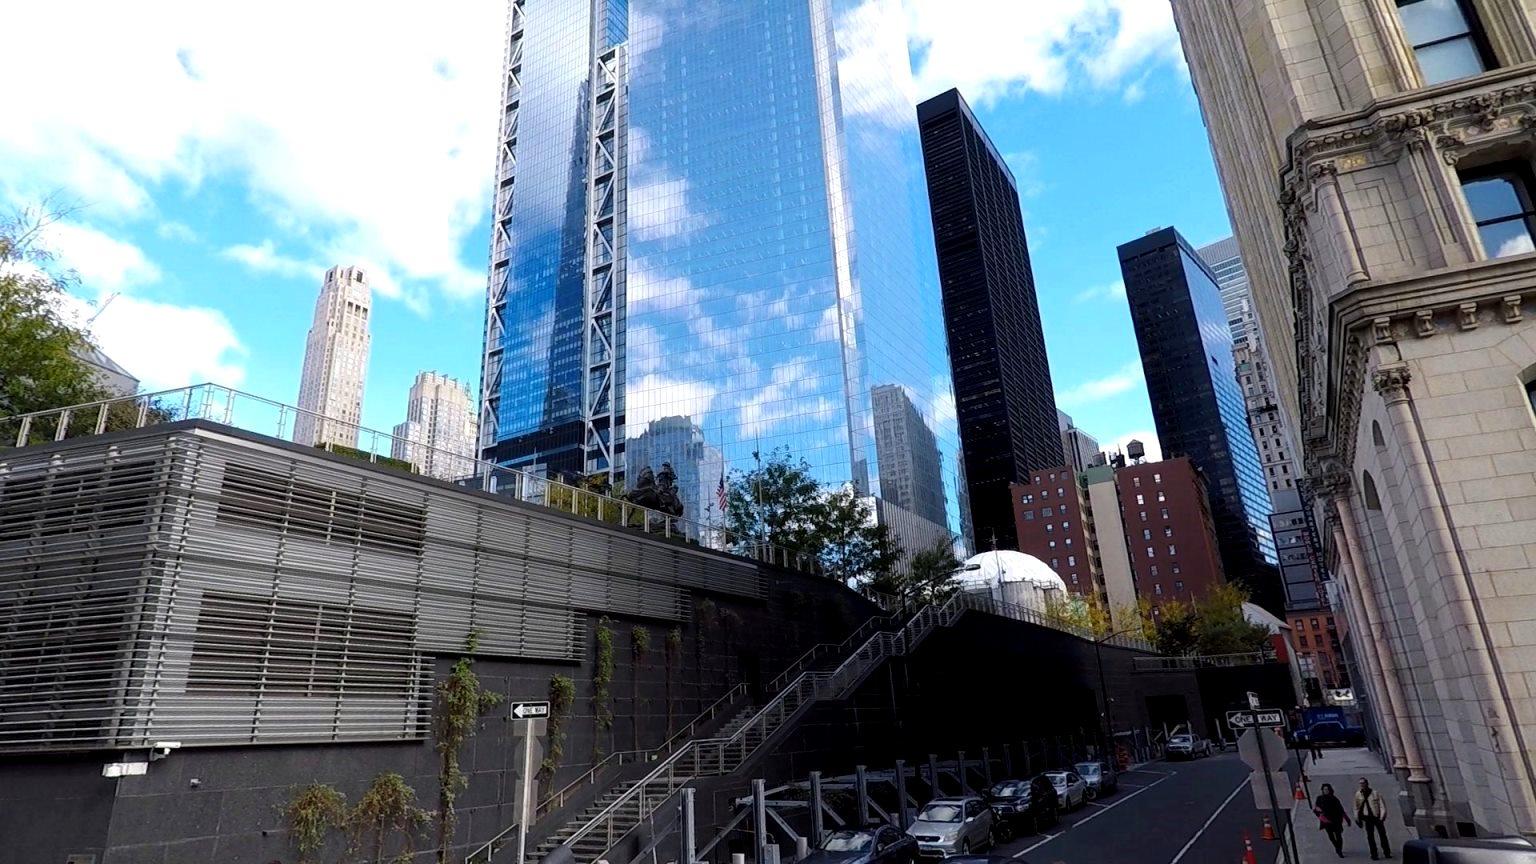 Am Ground Zero